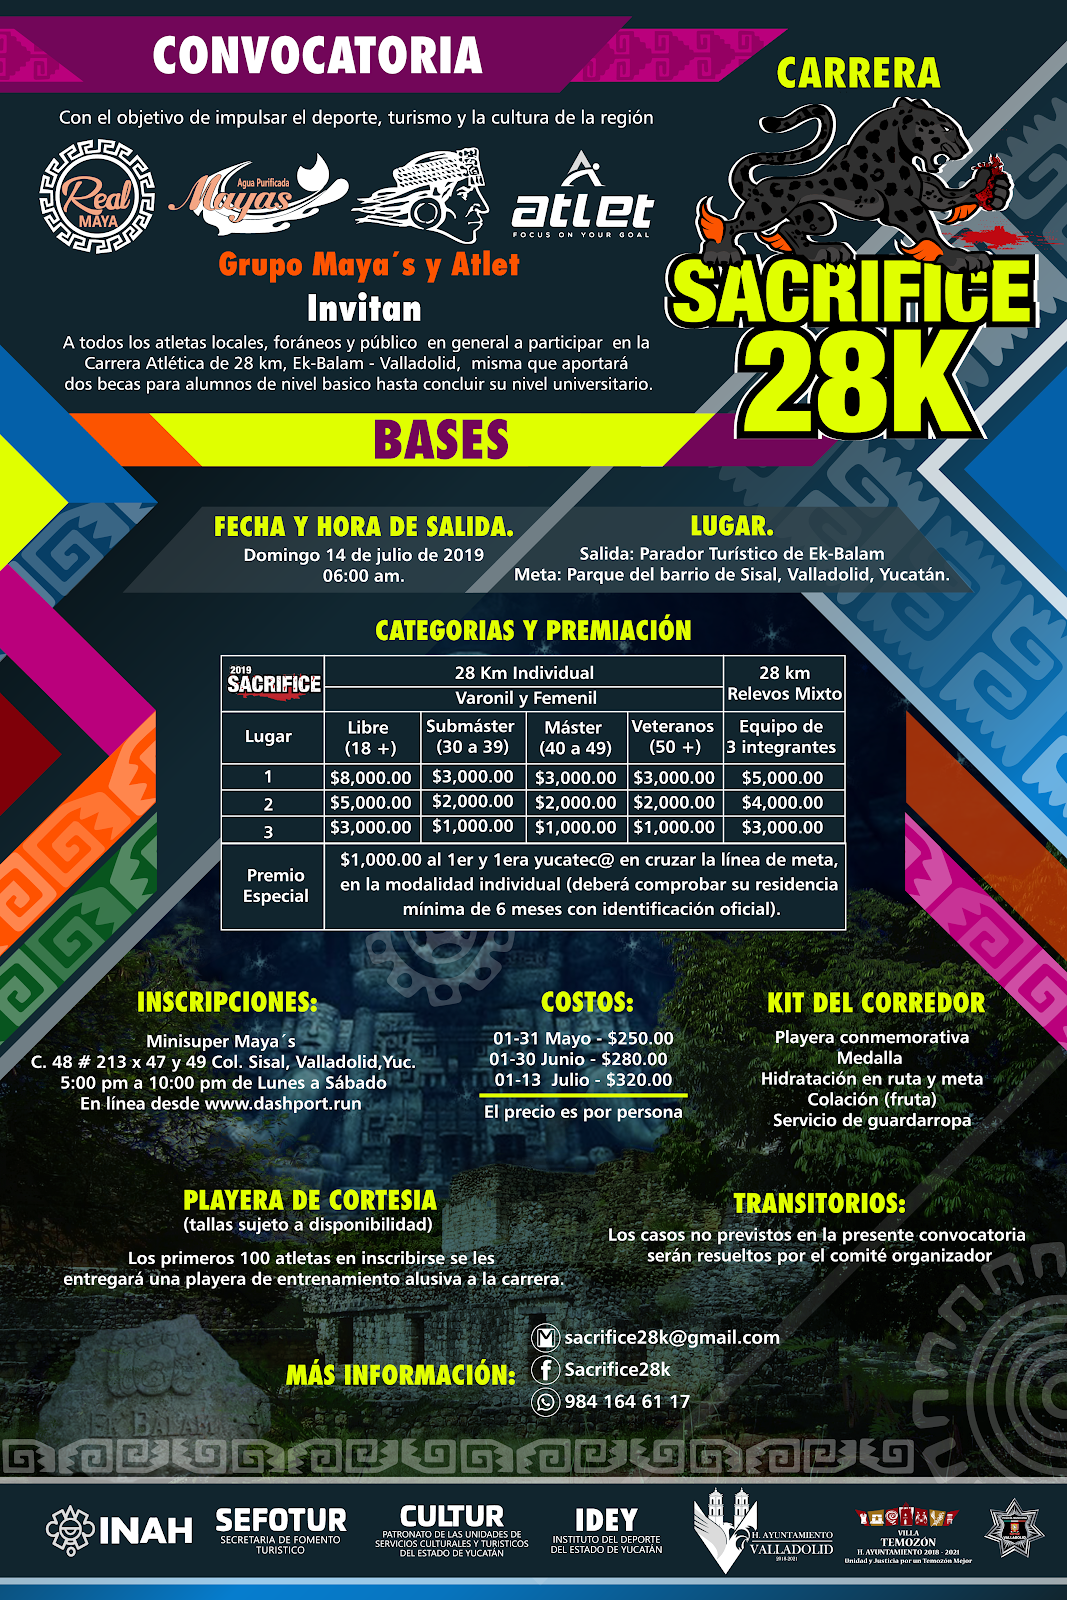 Sacrifice 28 k